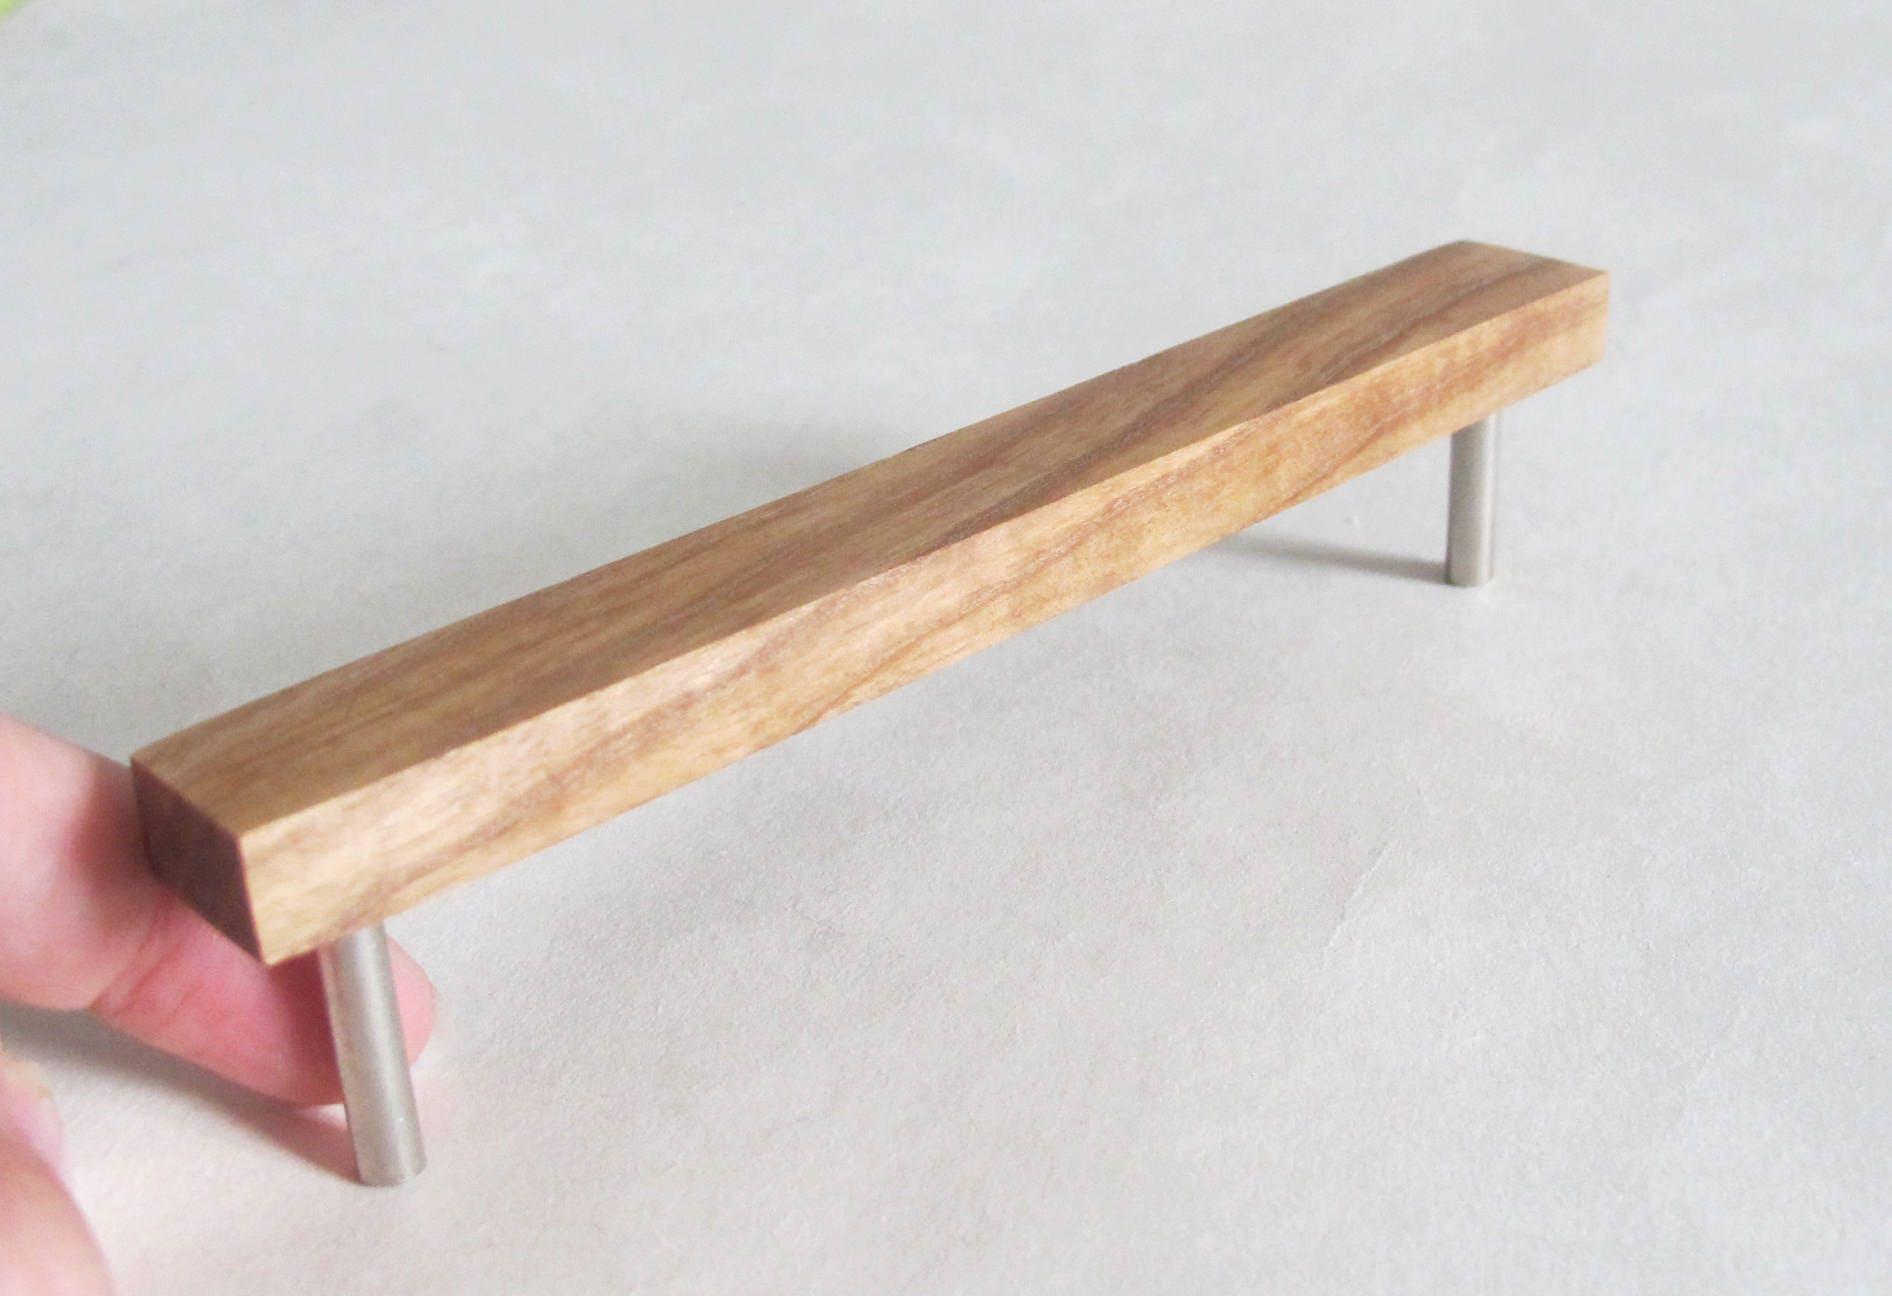 Wooden Furniture Hardware ~ Wooden drawer pulls set of oak wood handles